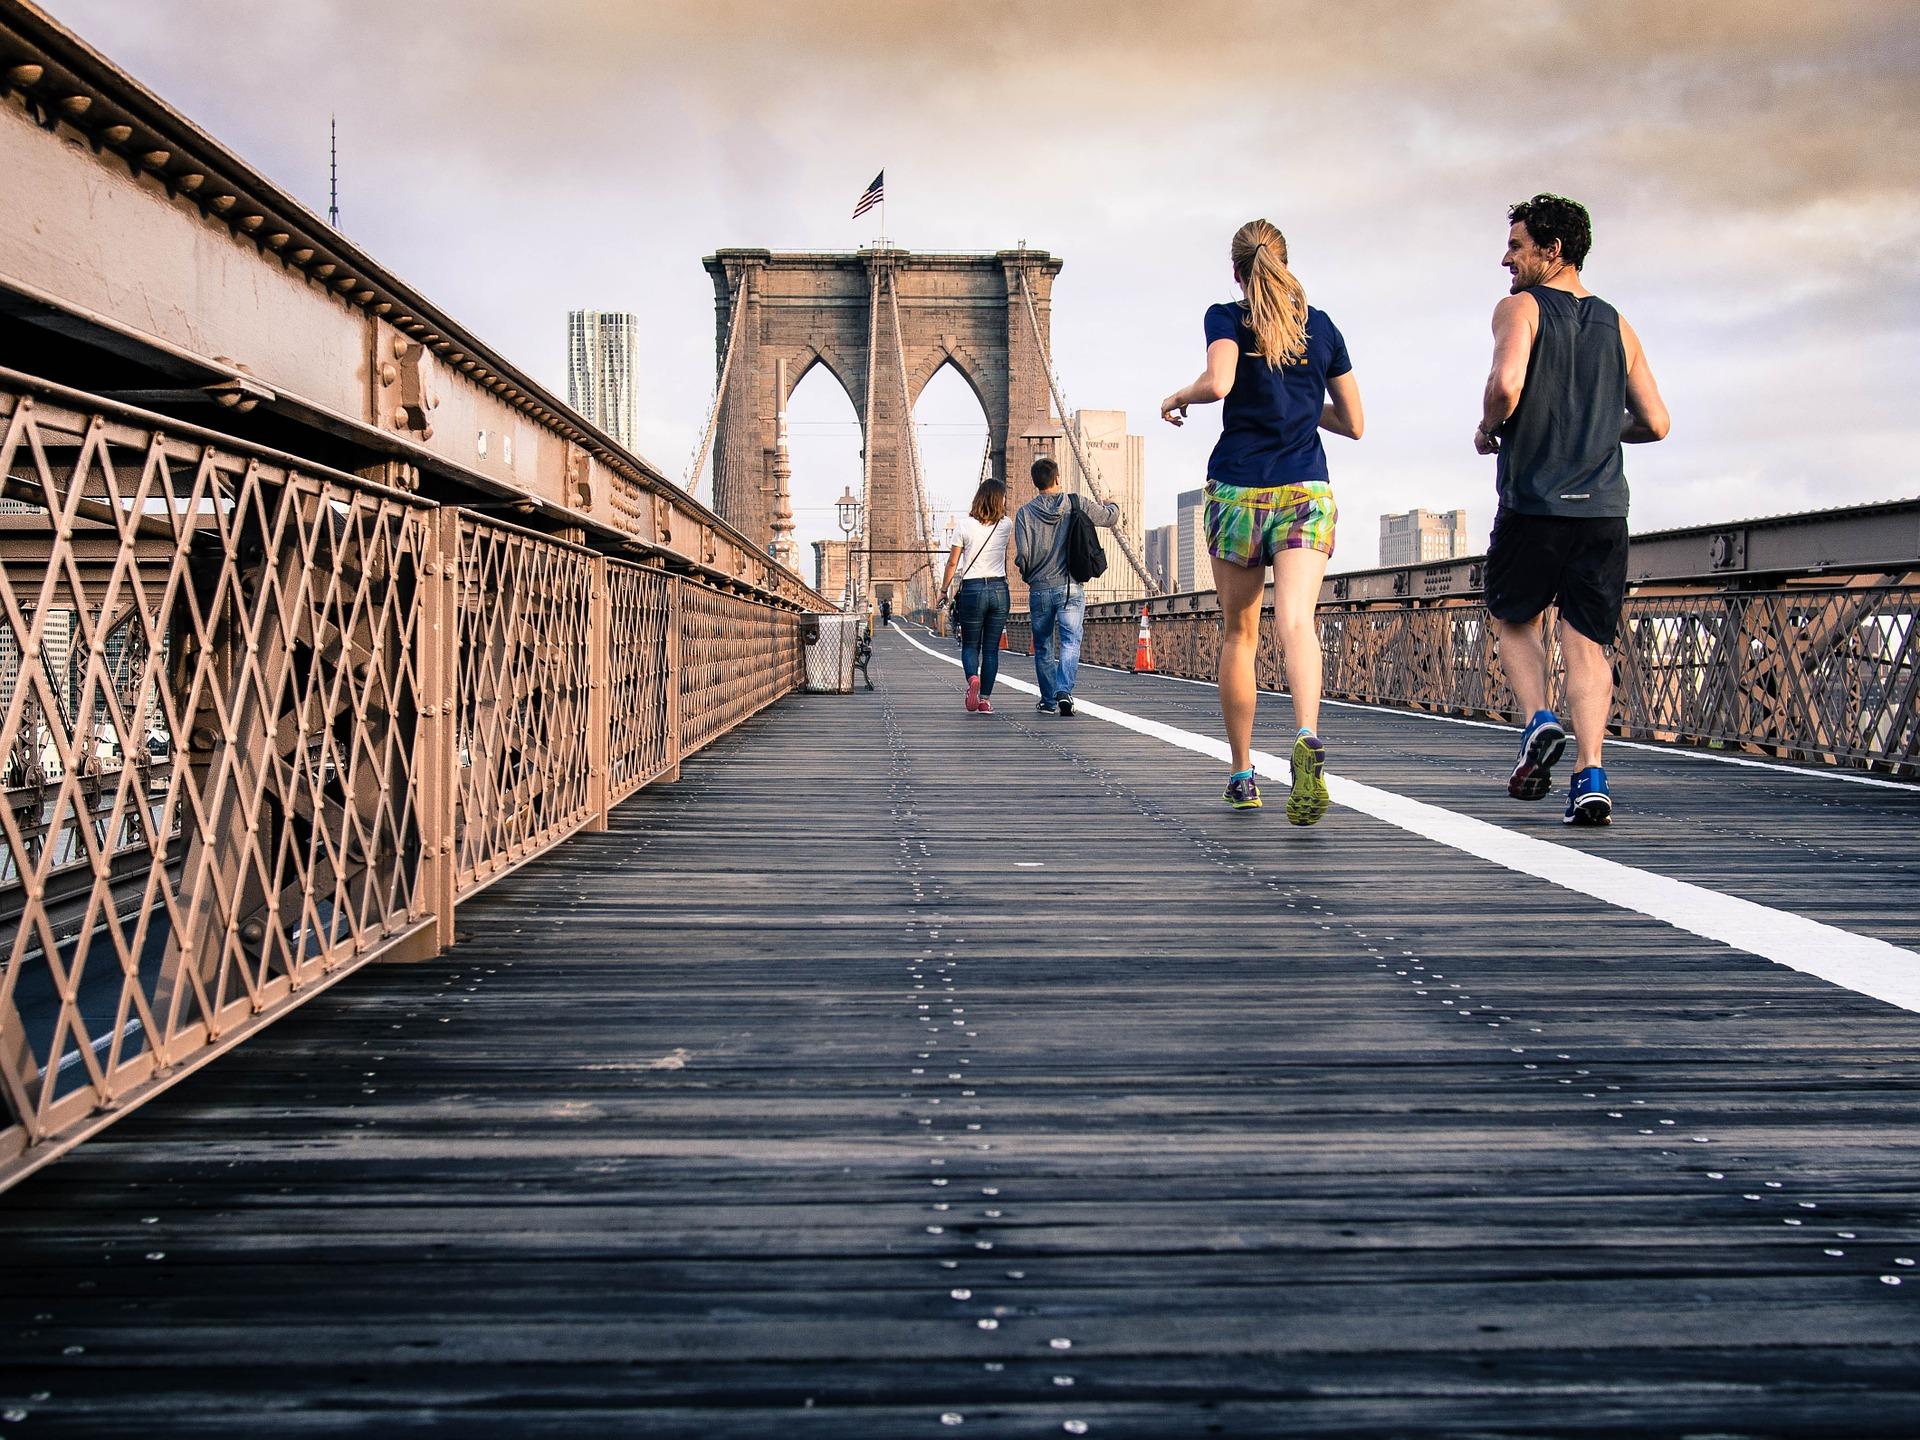 kako-uspješni-fitness-centri-zadržavaju-članove-fitness-consulting-hrvatska